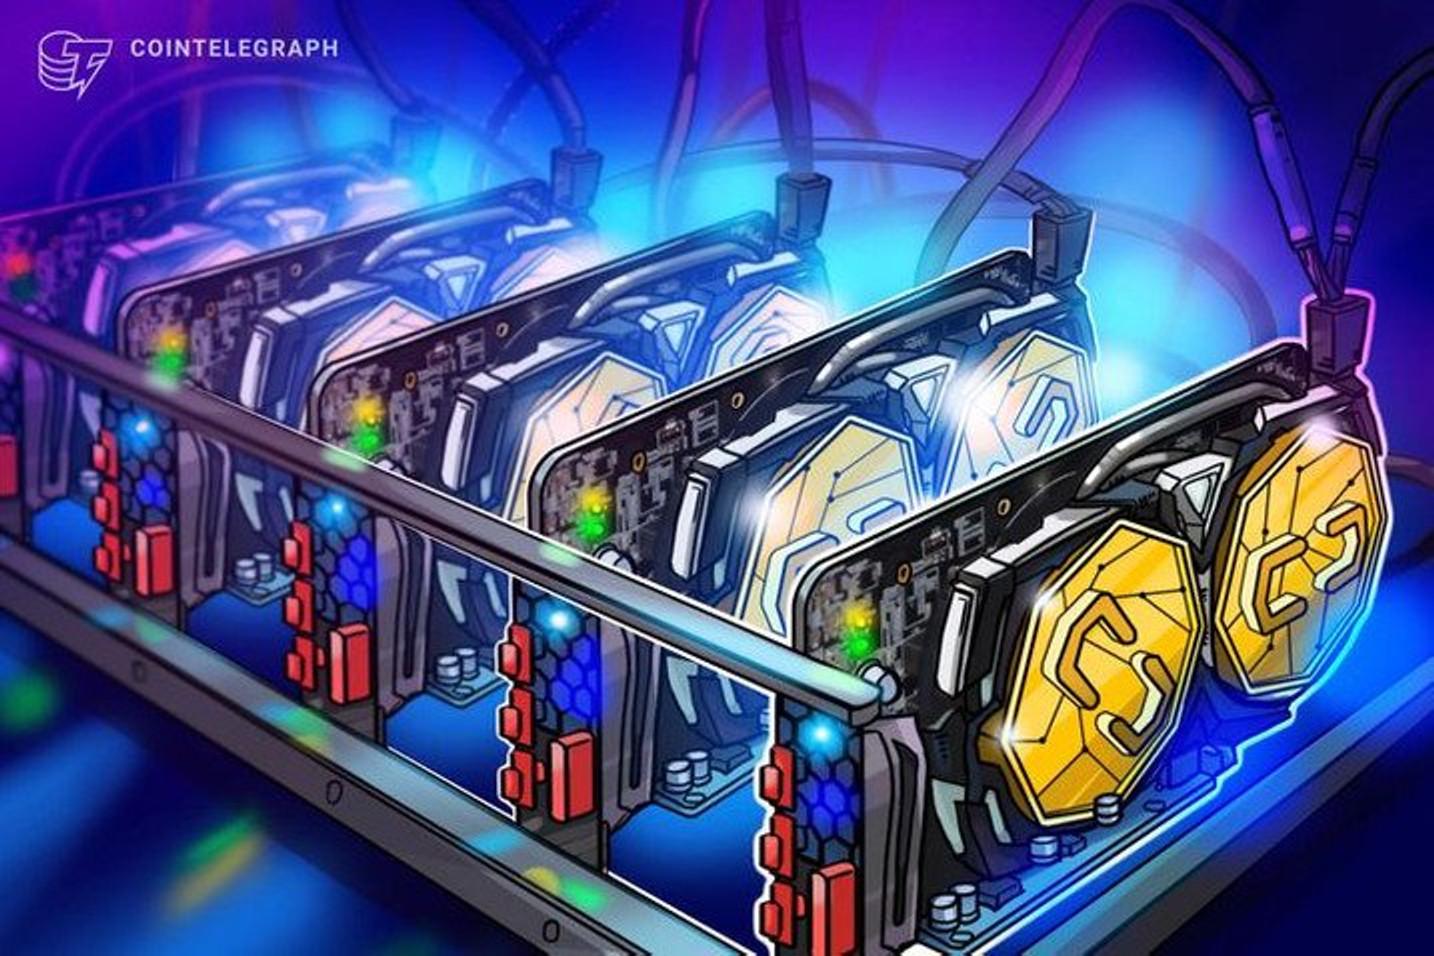 La minería de un Bitcoin consume más energía que una residencia en dos meses, asegura informe de PwC